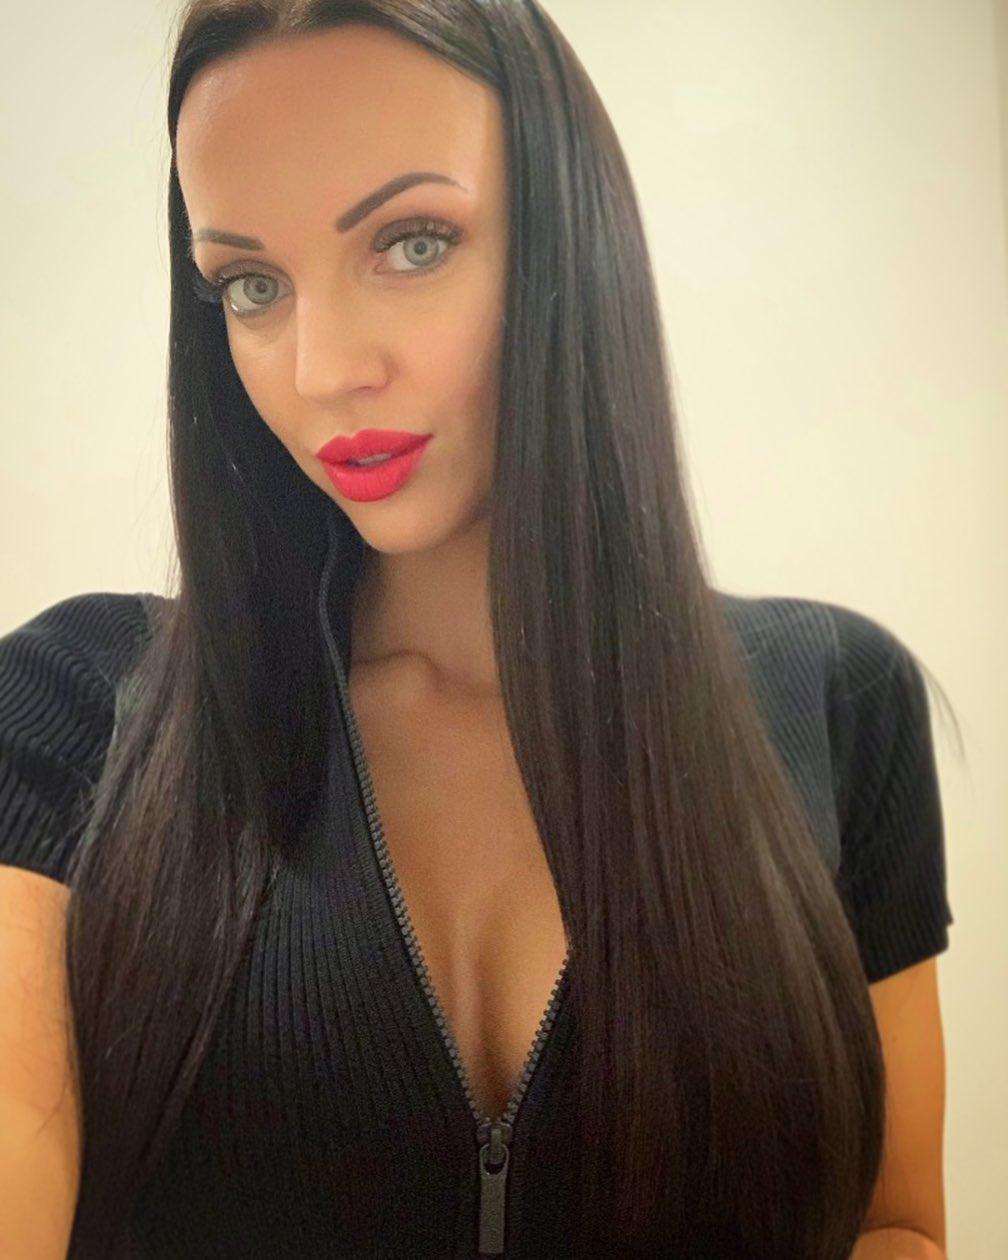 В белье и чулках: Бывшая жена сожителя Седоковой показала горячие фото